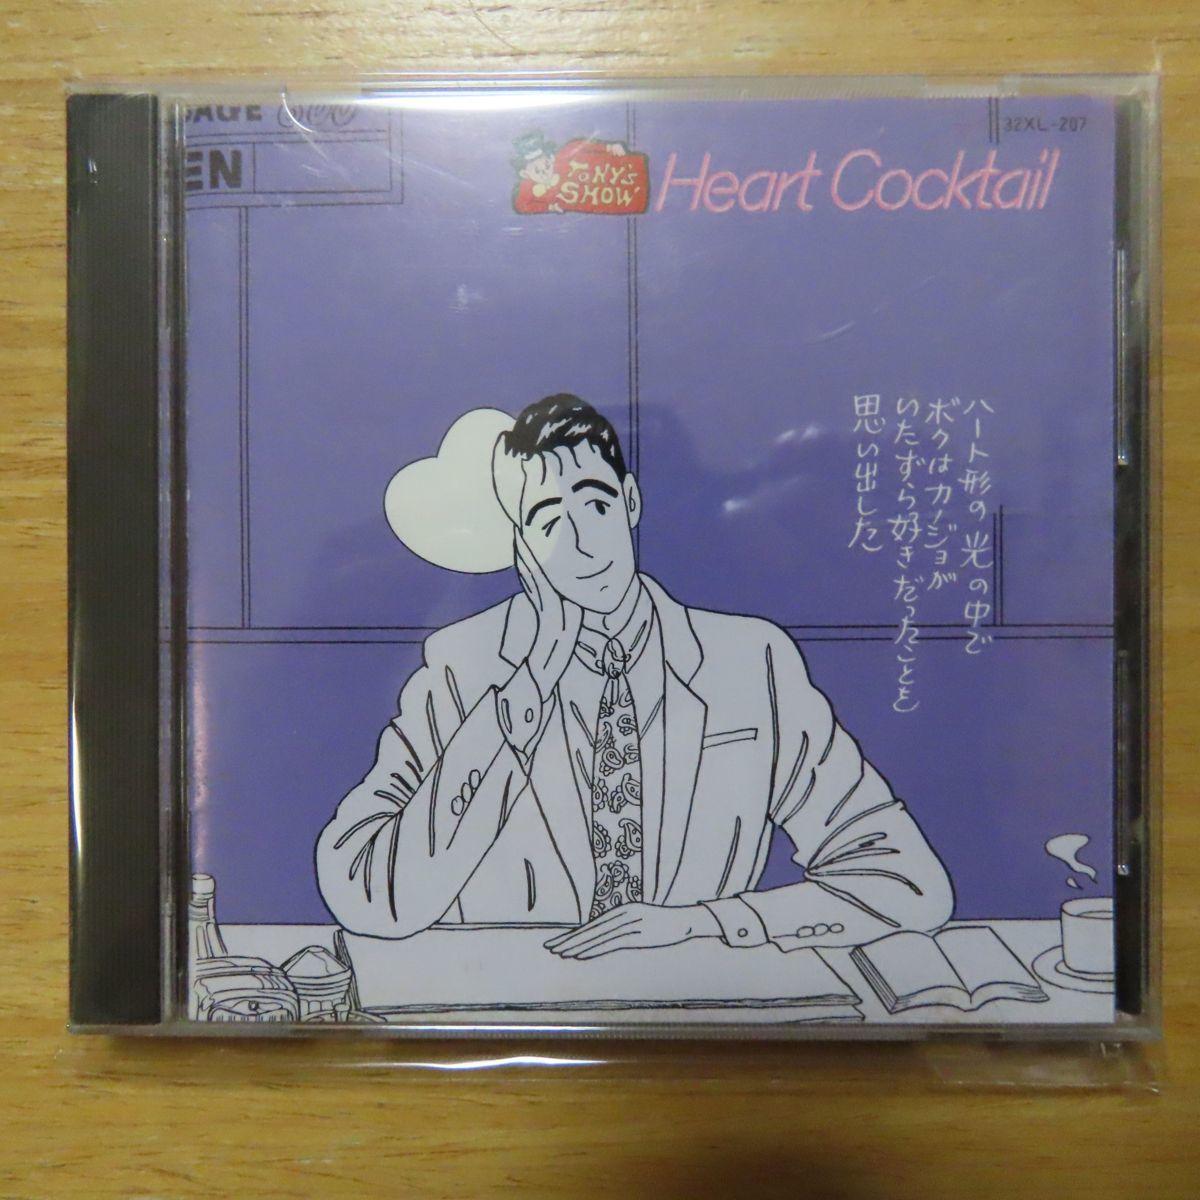 34040712;【CD/旧規格】トニーズ・ショウ / ハートカクテル VOL.3(32XL-207)